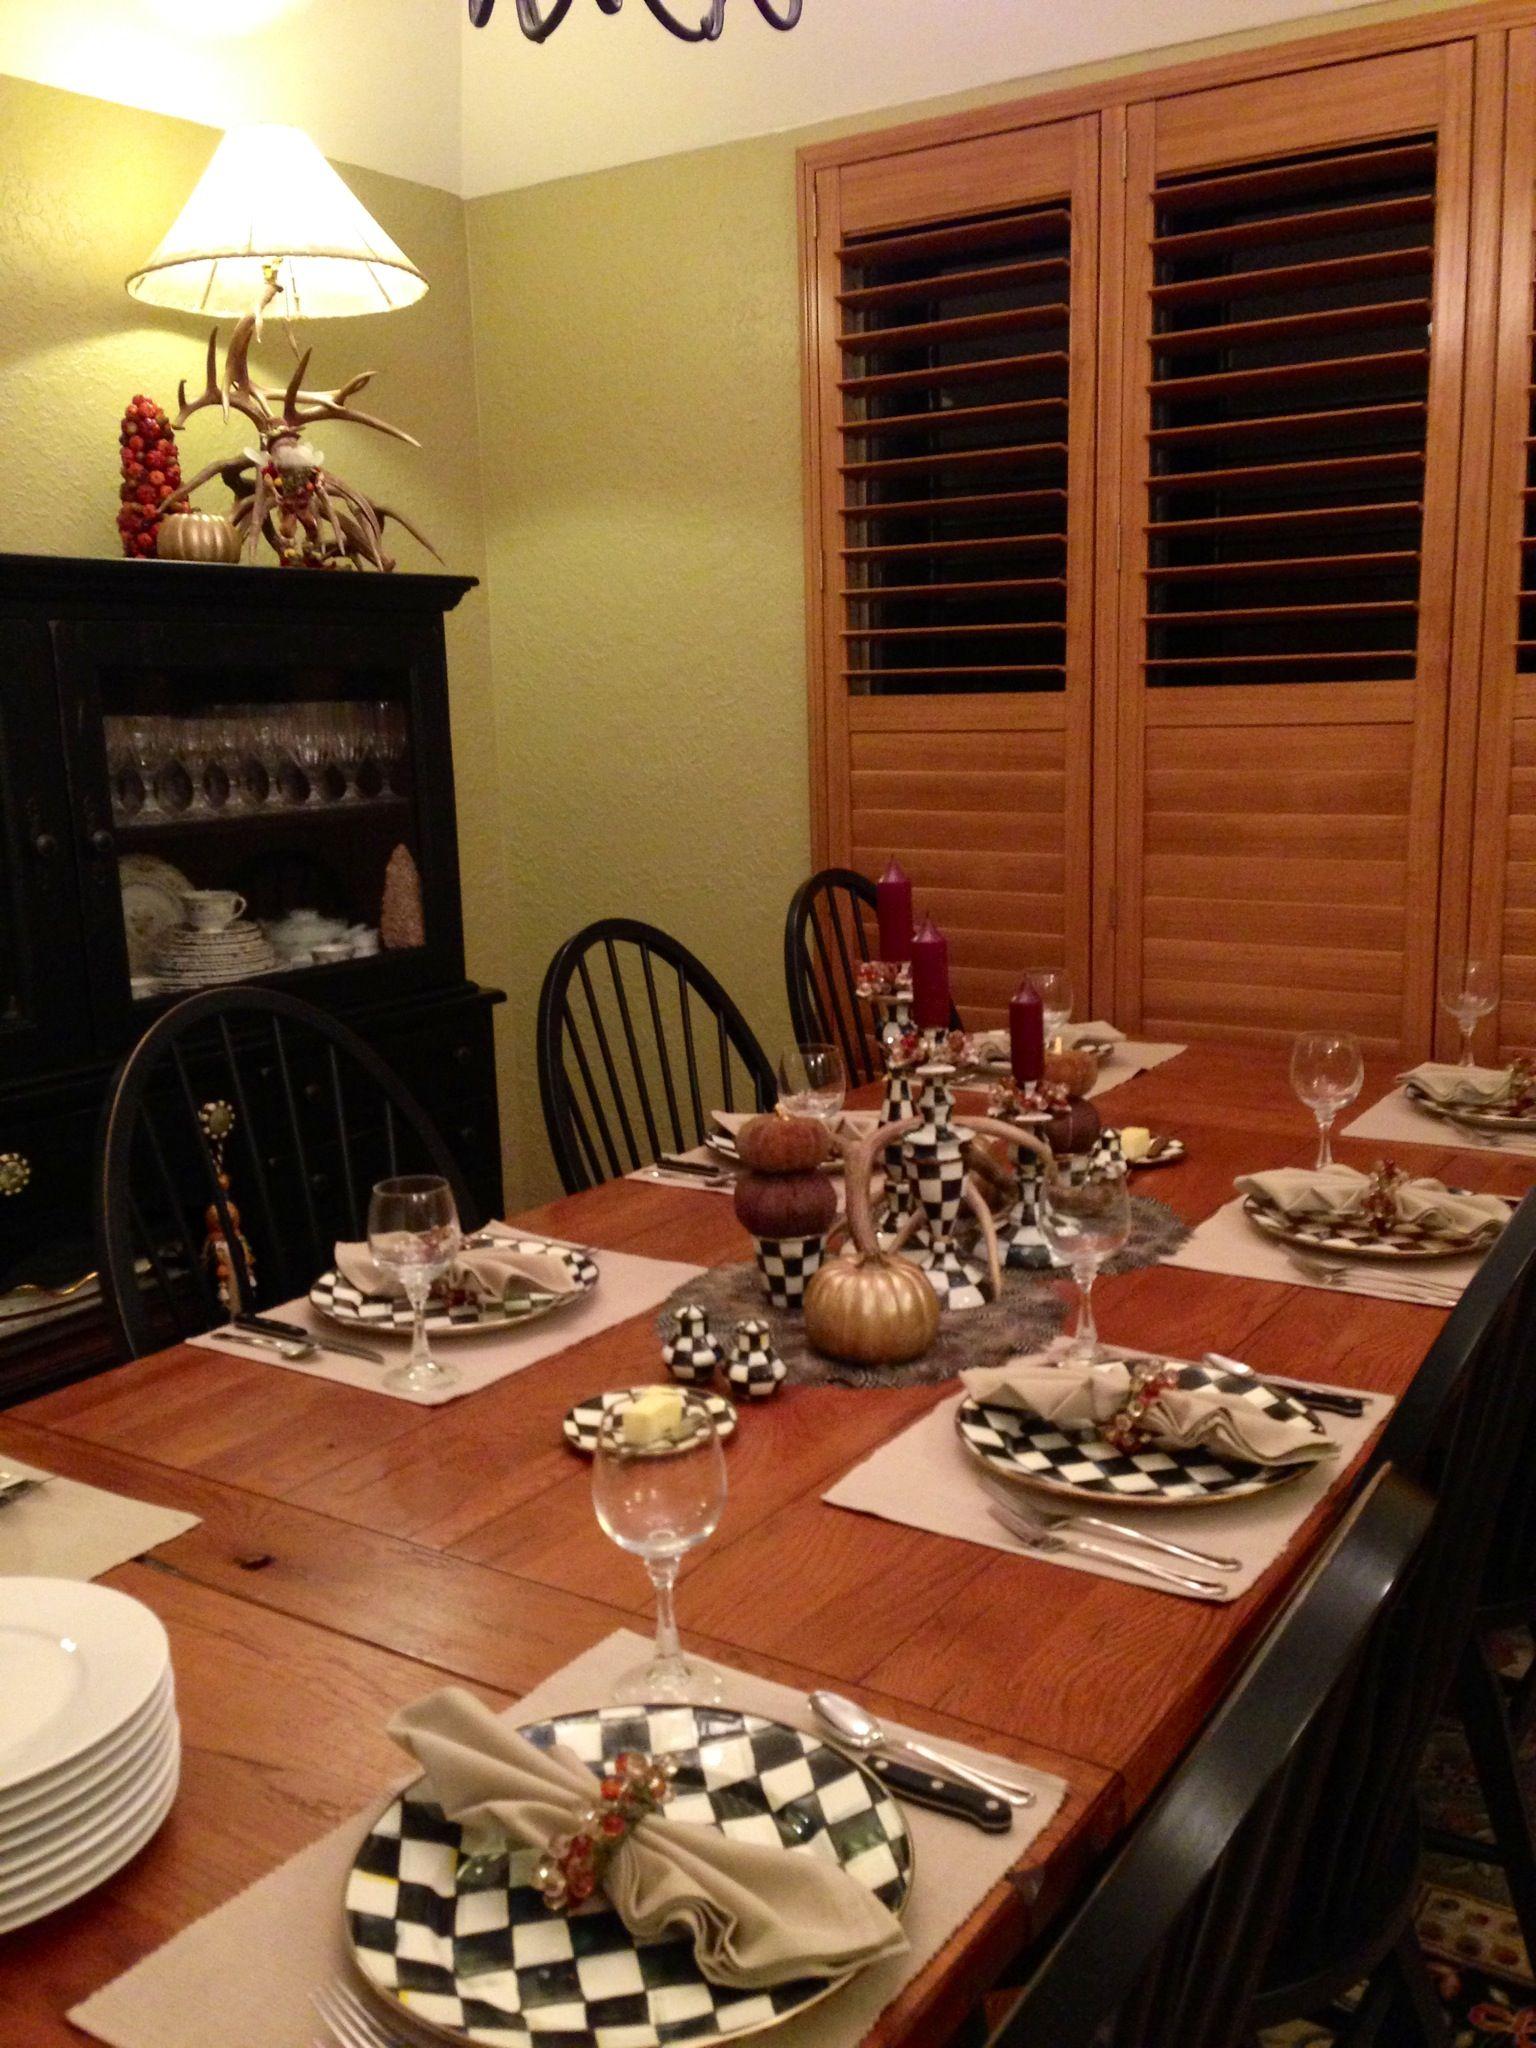 Sunday Family Dinner Table Setting 10 13 13 Family Dinner